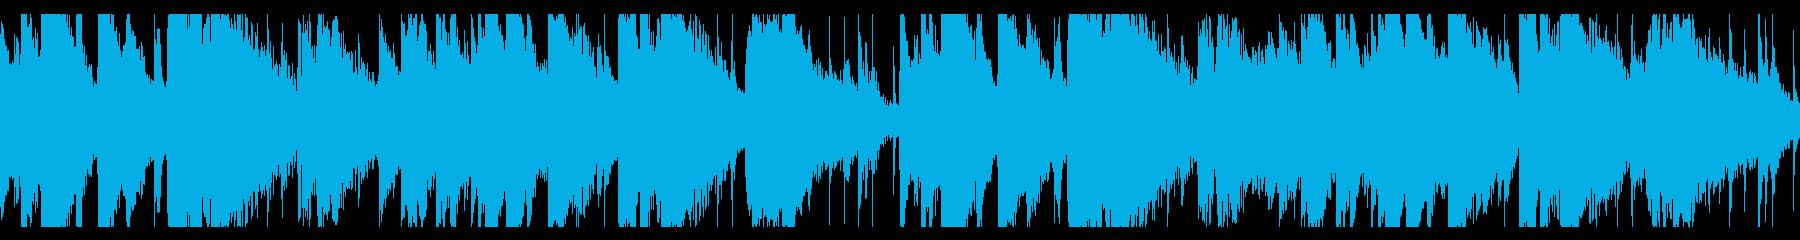 ピアノトリオ+α 落ち着いたジャズループの再生済みの波形